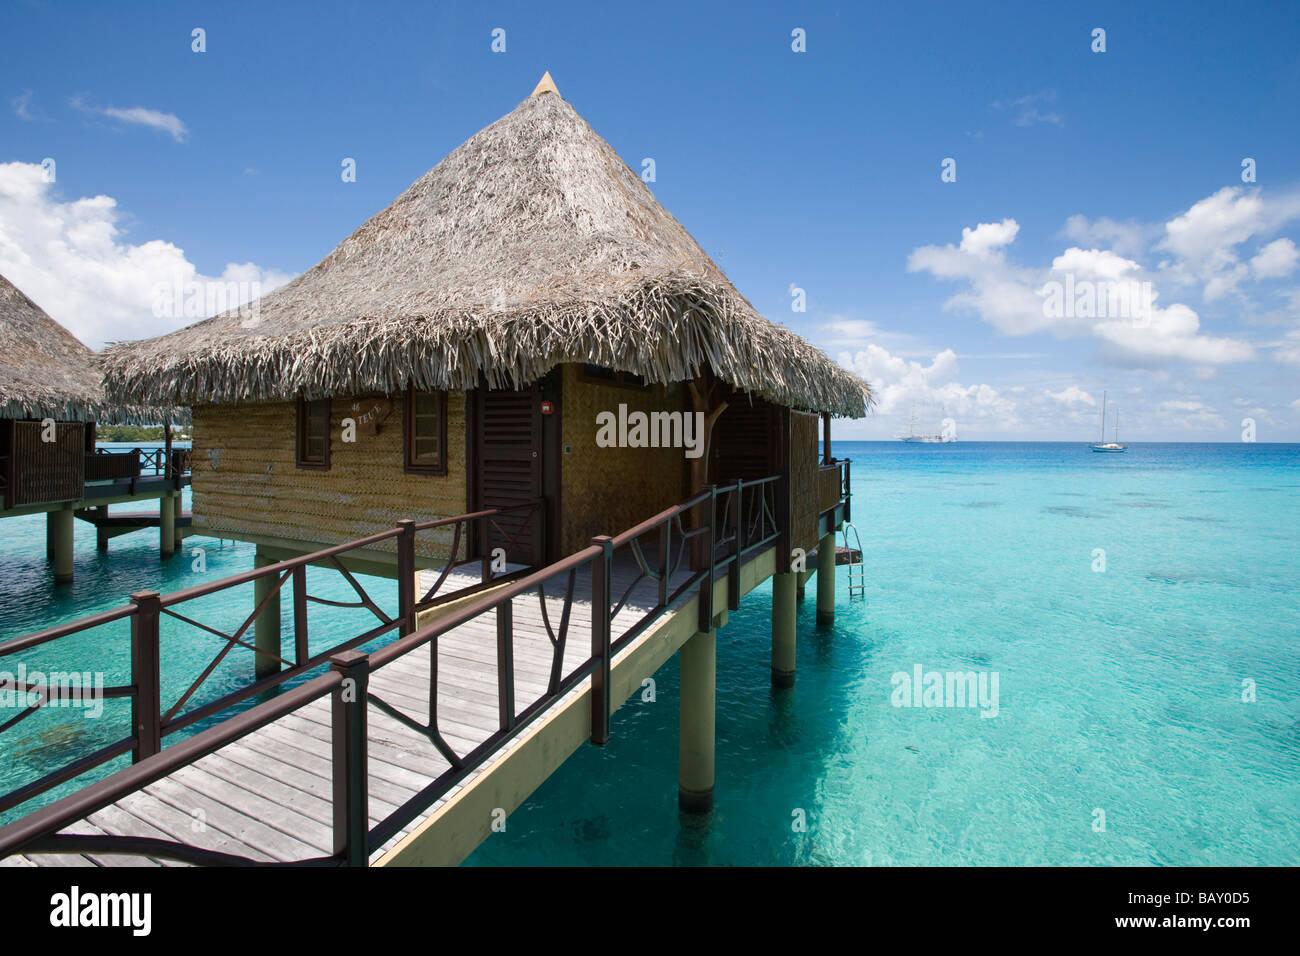 Hotel Kia Ora overwater bungalow, Avatoru, Rangiroa, The Tuamotus, French Polynesia - Stock Image